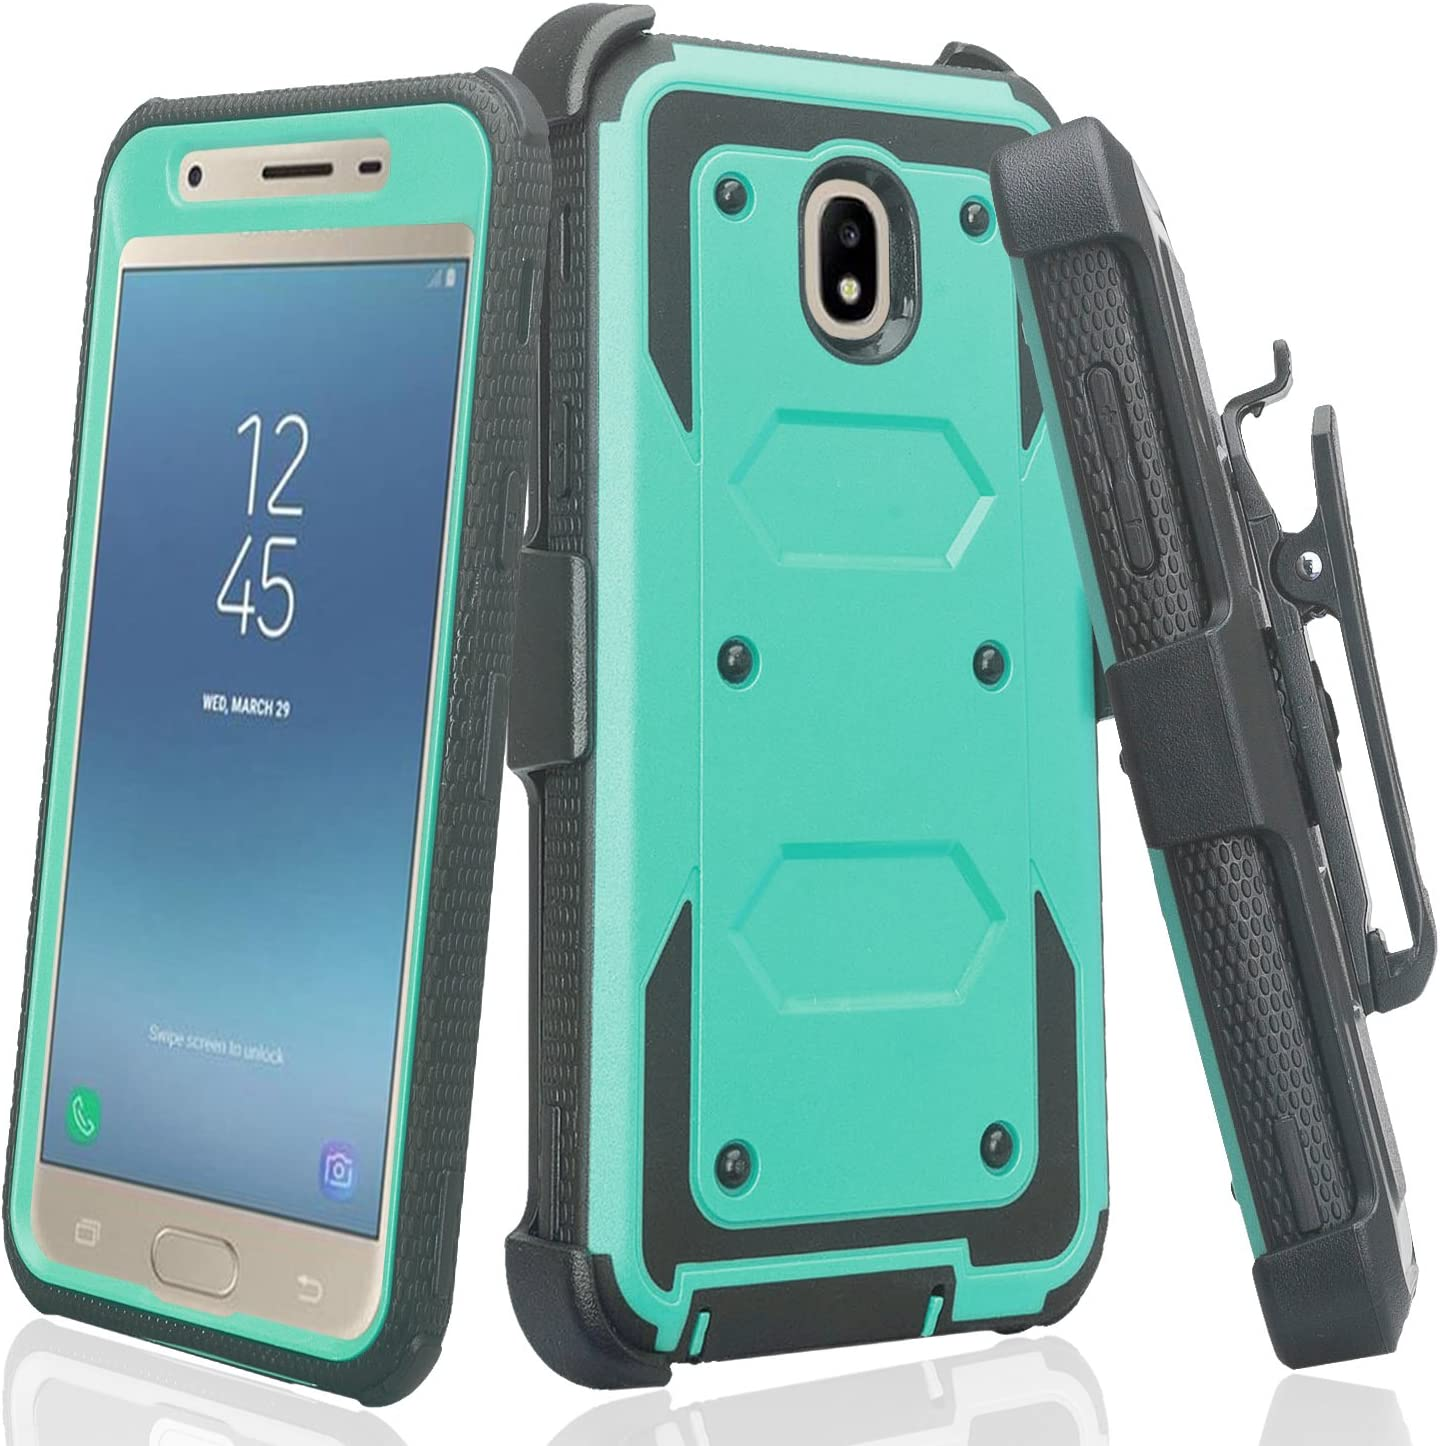 Galaxy J3 Orbit/J3 2018/J3 Star/J3 Achieve/J3v 3rd Gen/Express Prime 3/Amp Prime 3 Case,Holster Belt Clip Cover Shock Proof [Built in Screen Protector] Compatible for Samsung J3 Orbit Cases - Teal